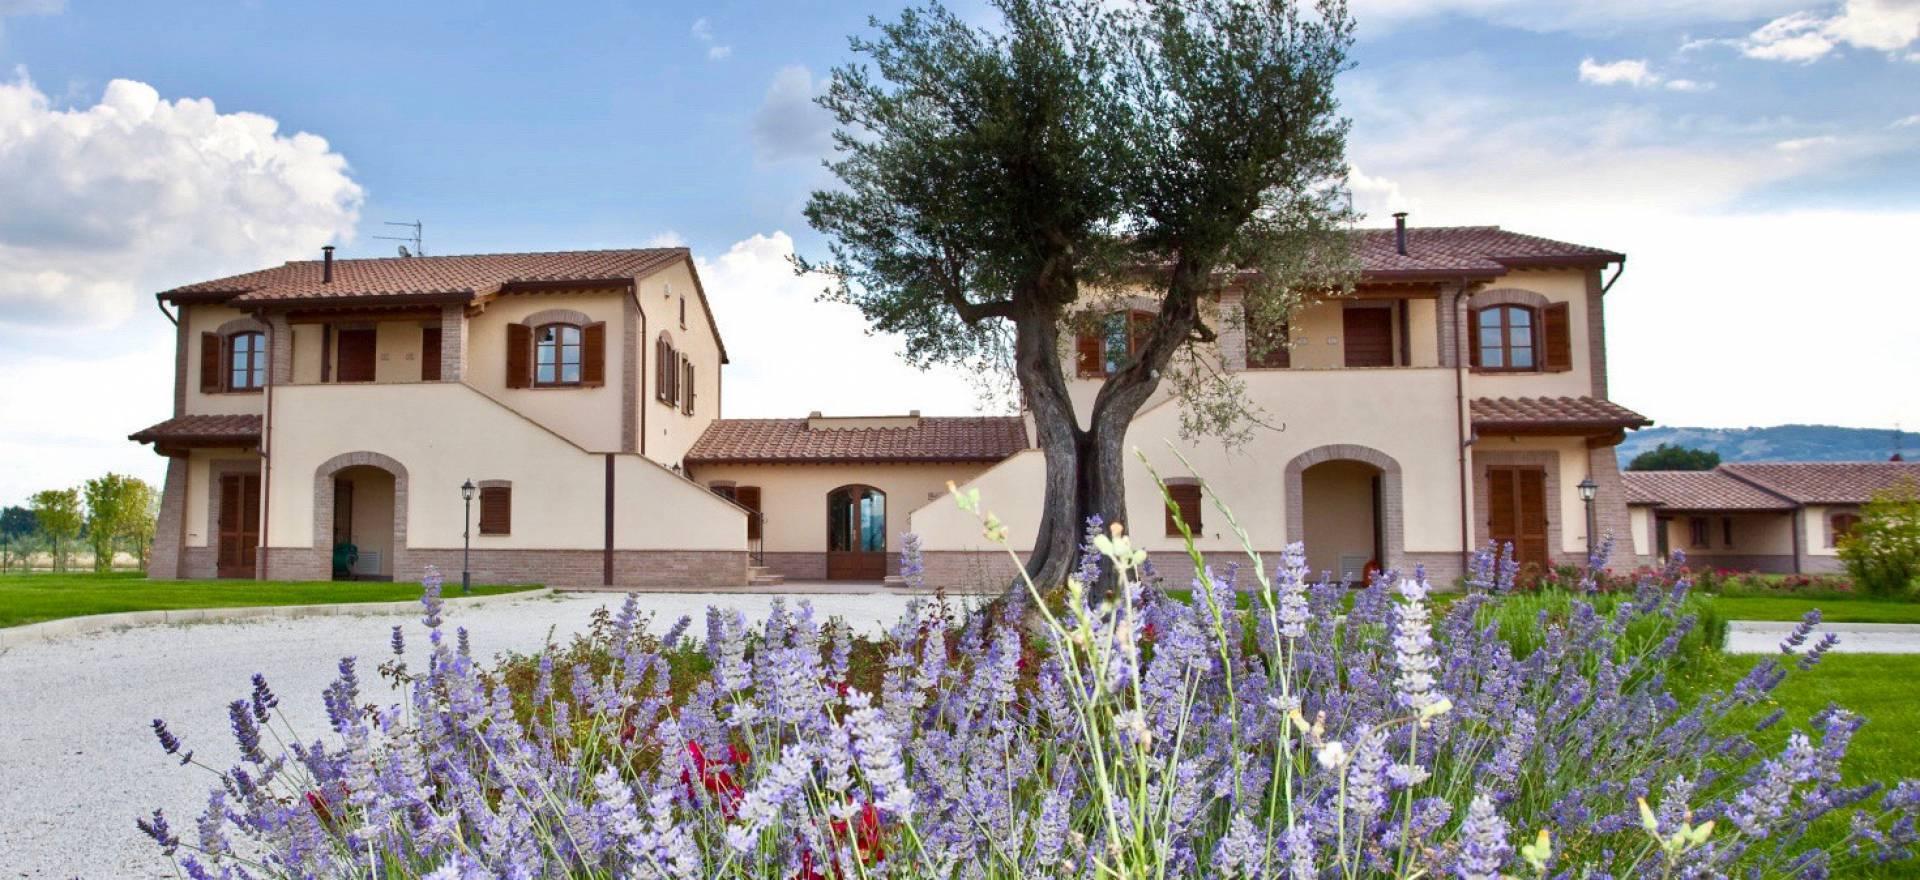 Agriturismo Umbrie, vlakbij Assisi en met ontbijt